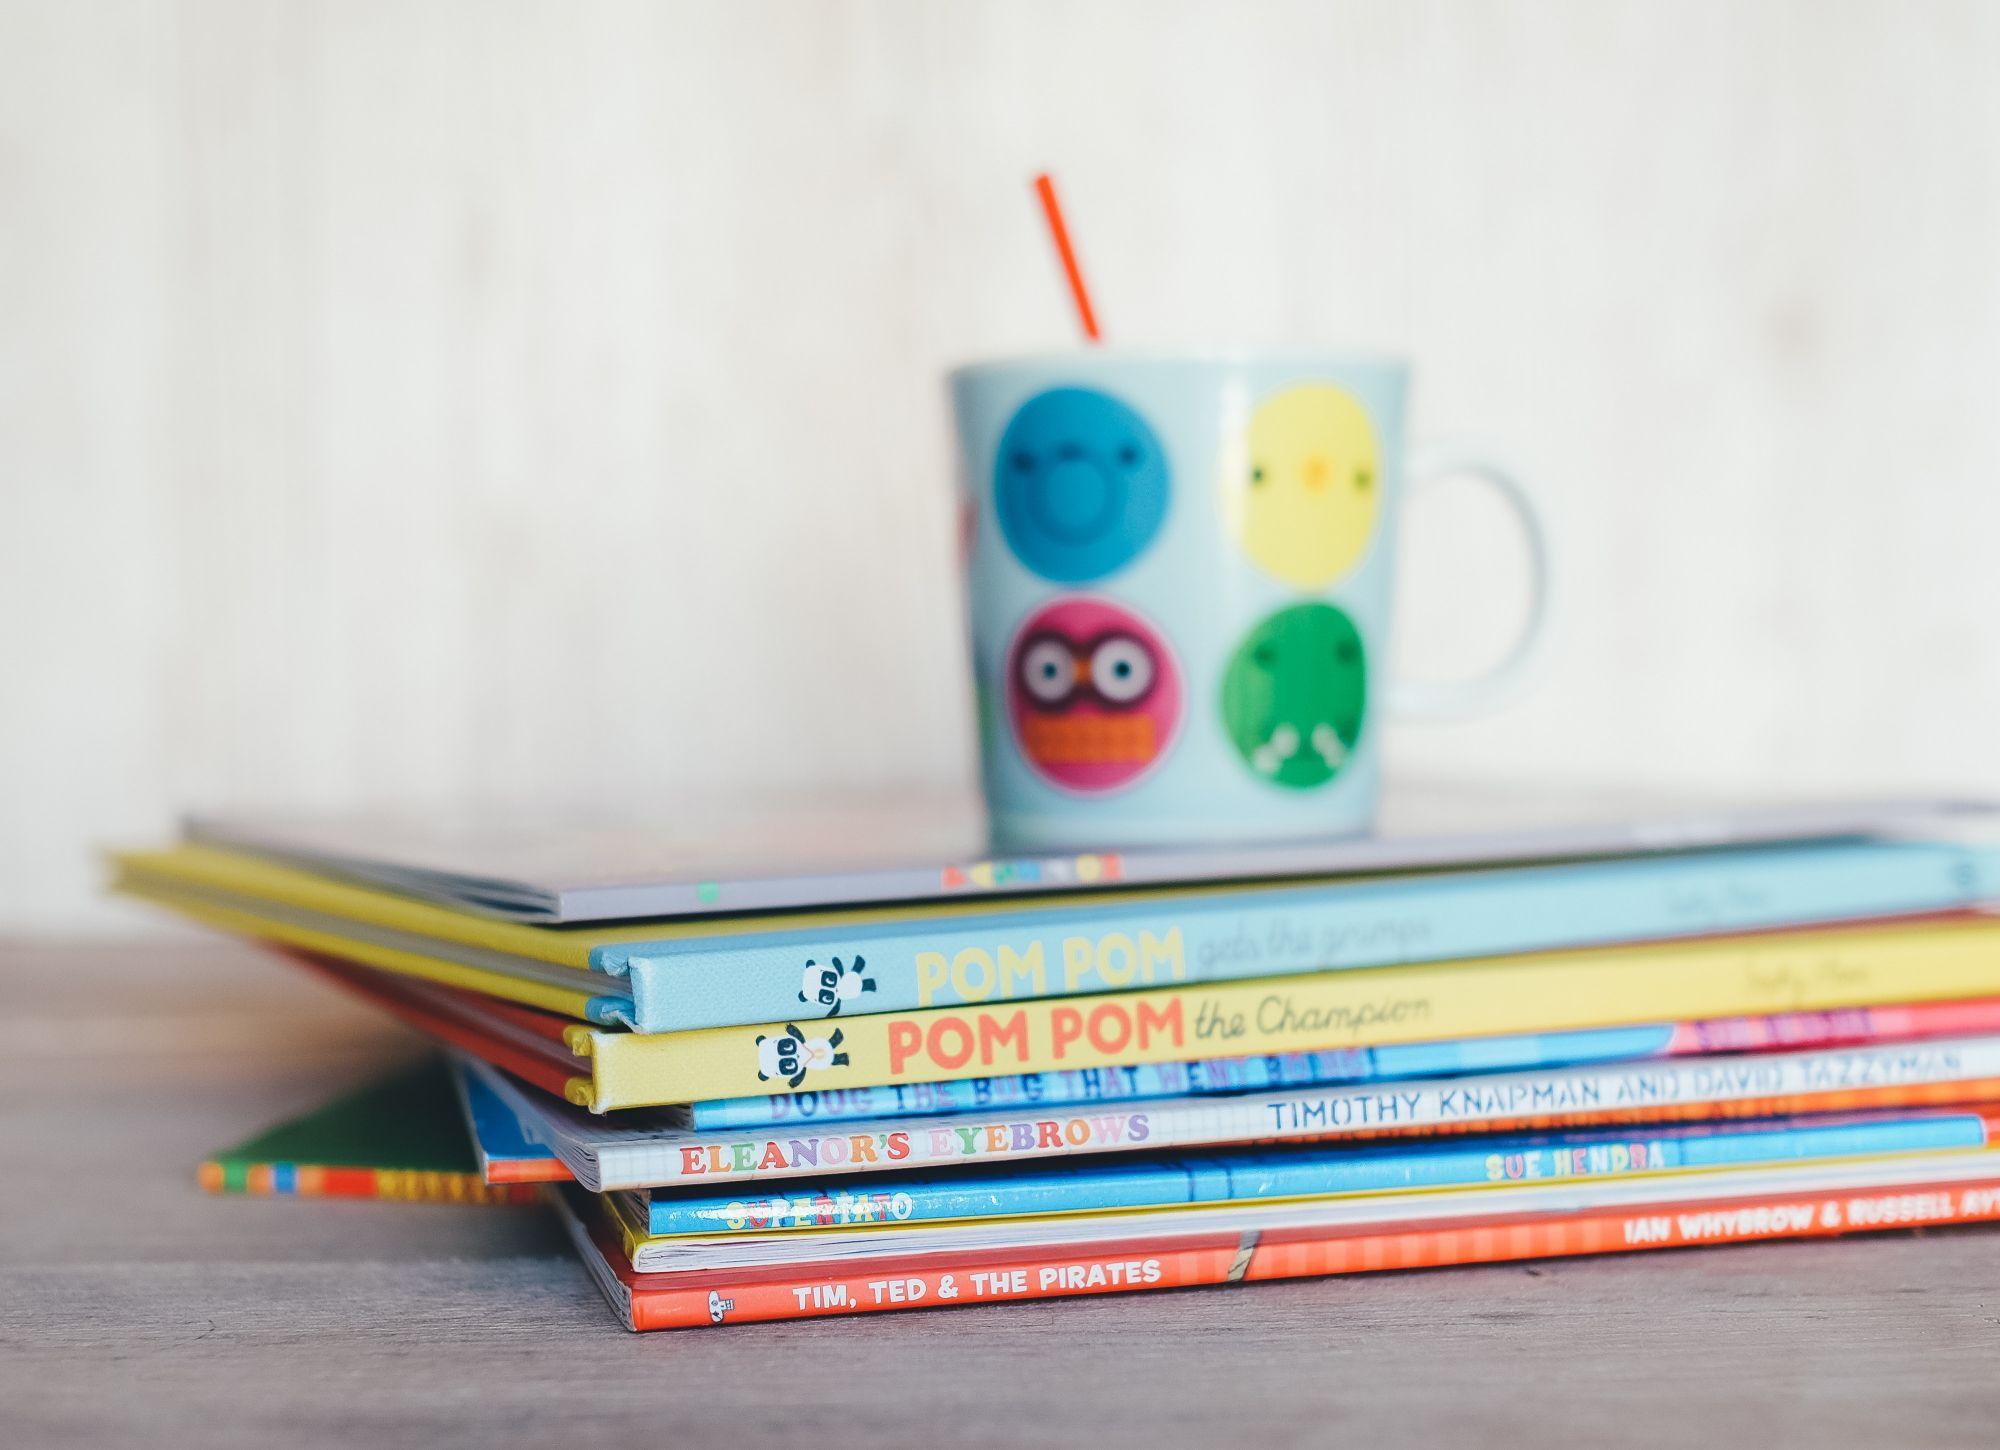 Image of books and mug